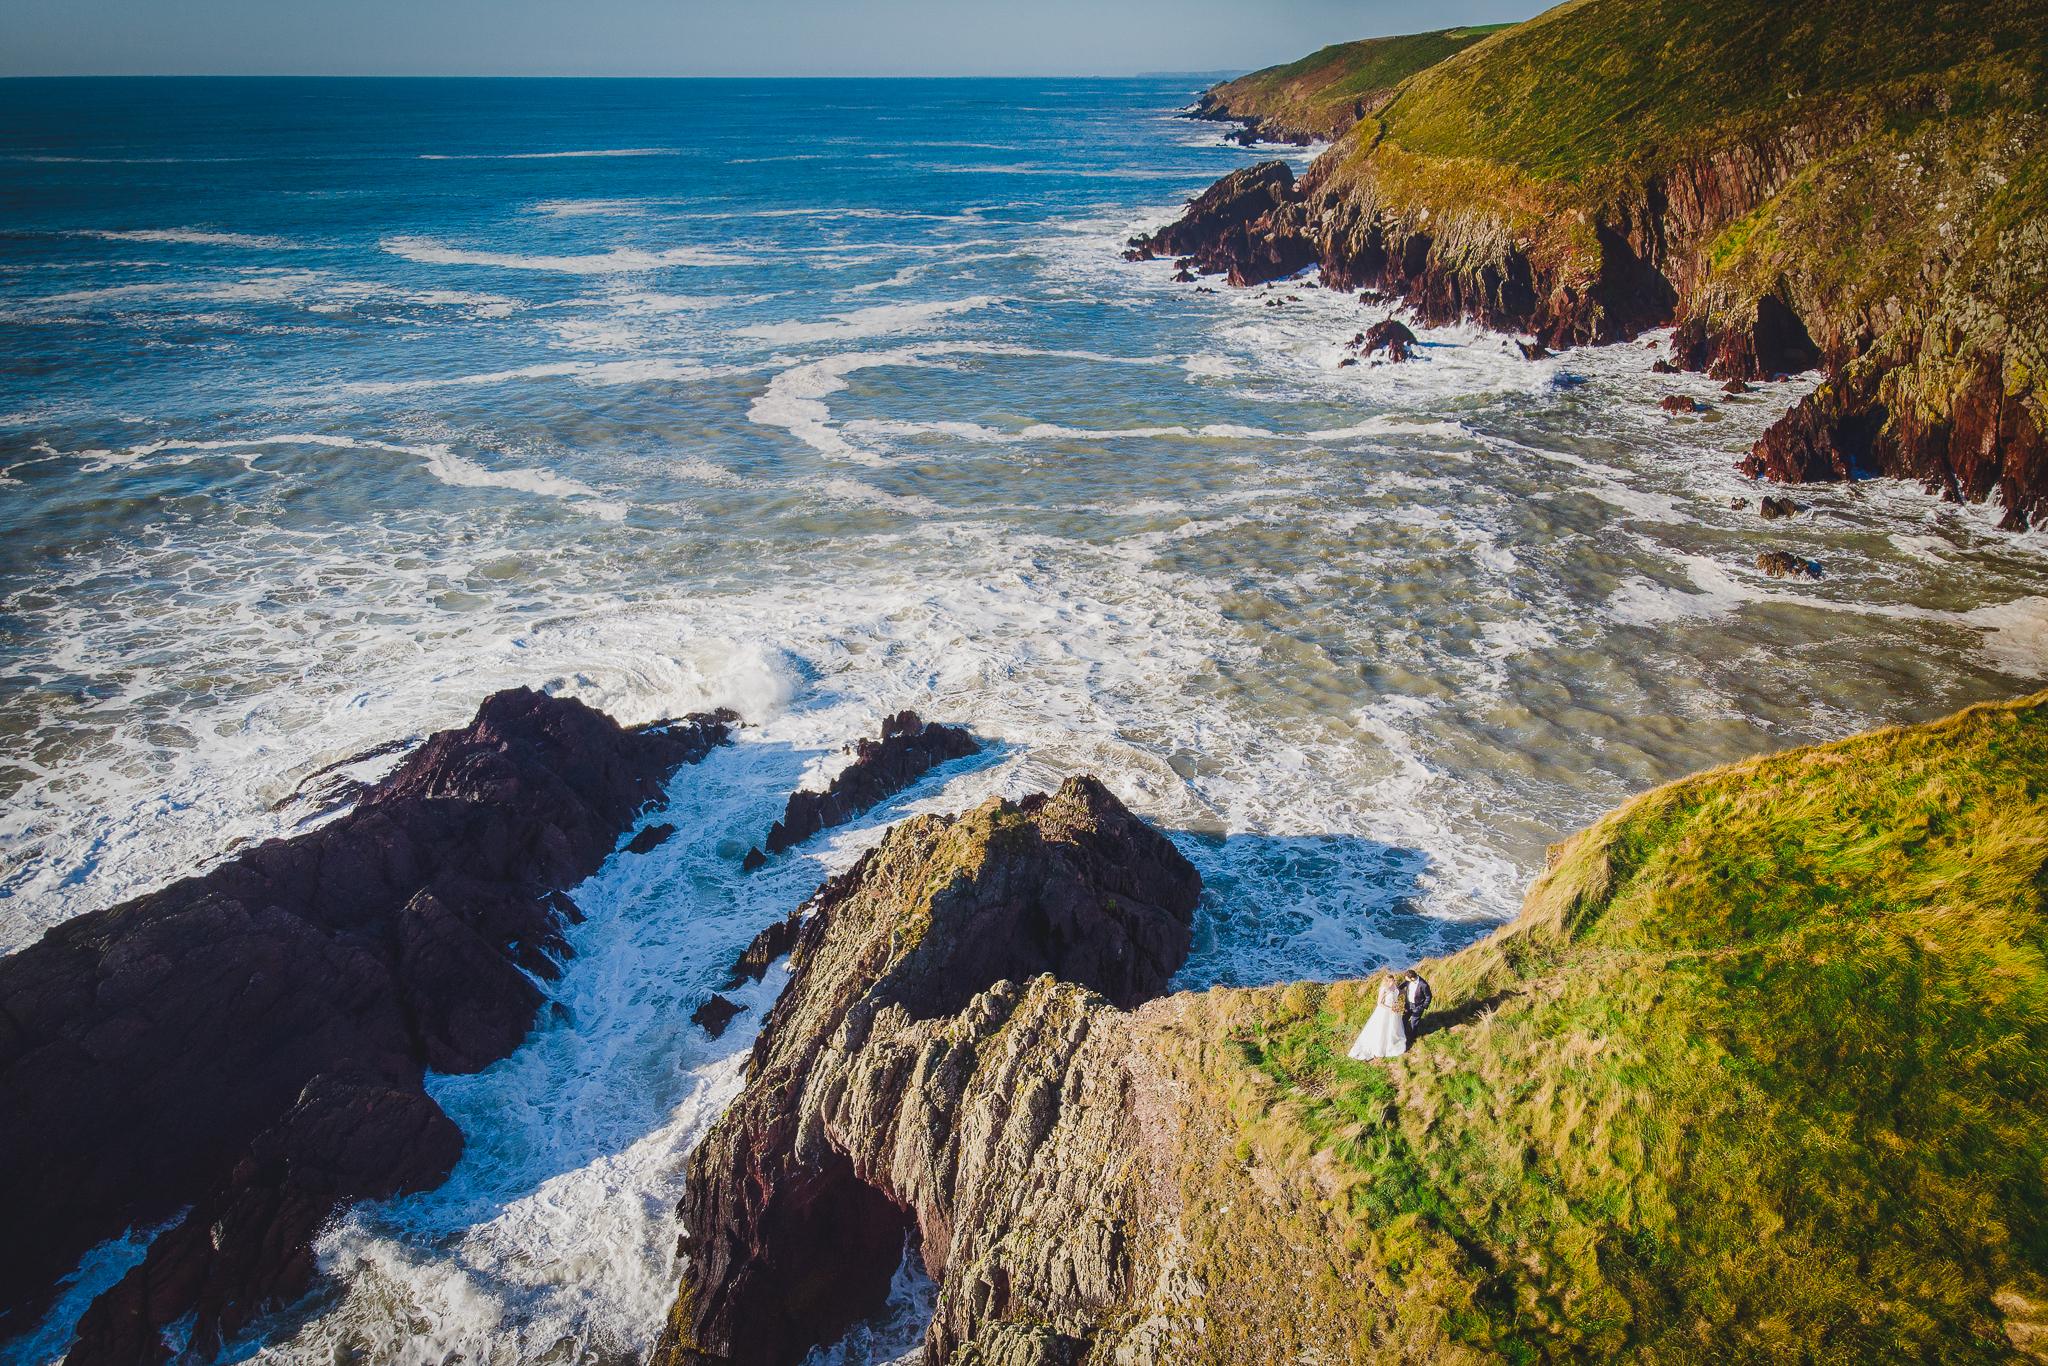 0148_Klaudia&Konrad________plener_slubny_irlandia_cork_ballycotton_cliff_walk_dron___fotografia_slubna_www_amfoto_pl_DJI_0138.jpg